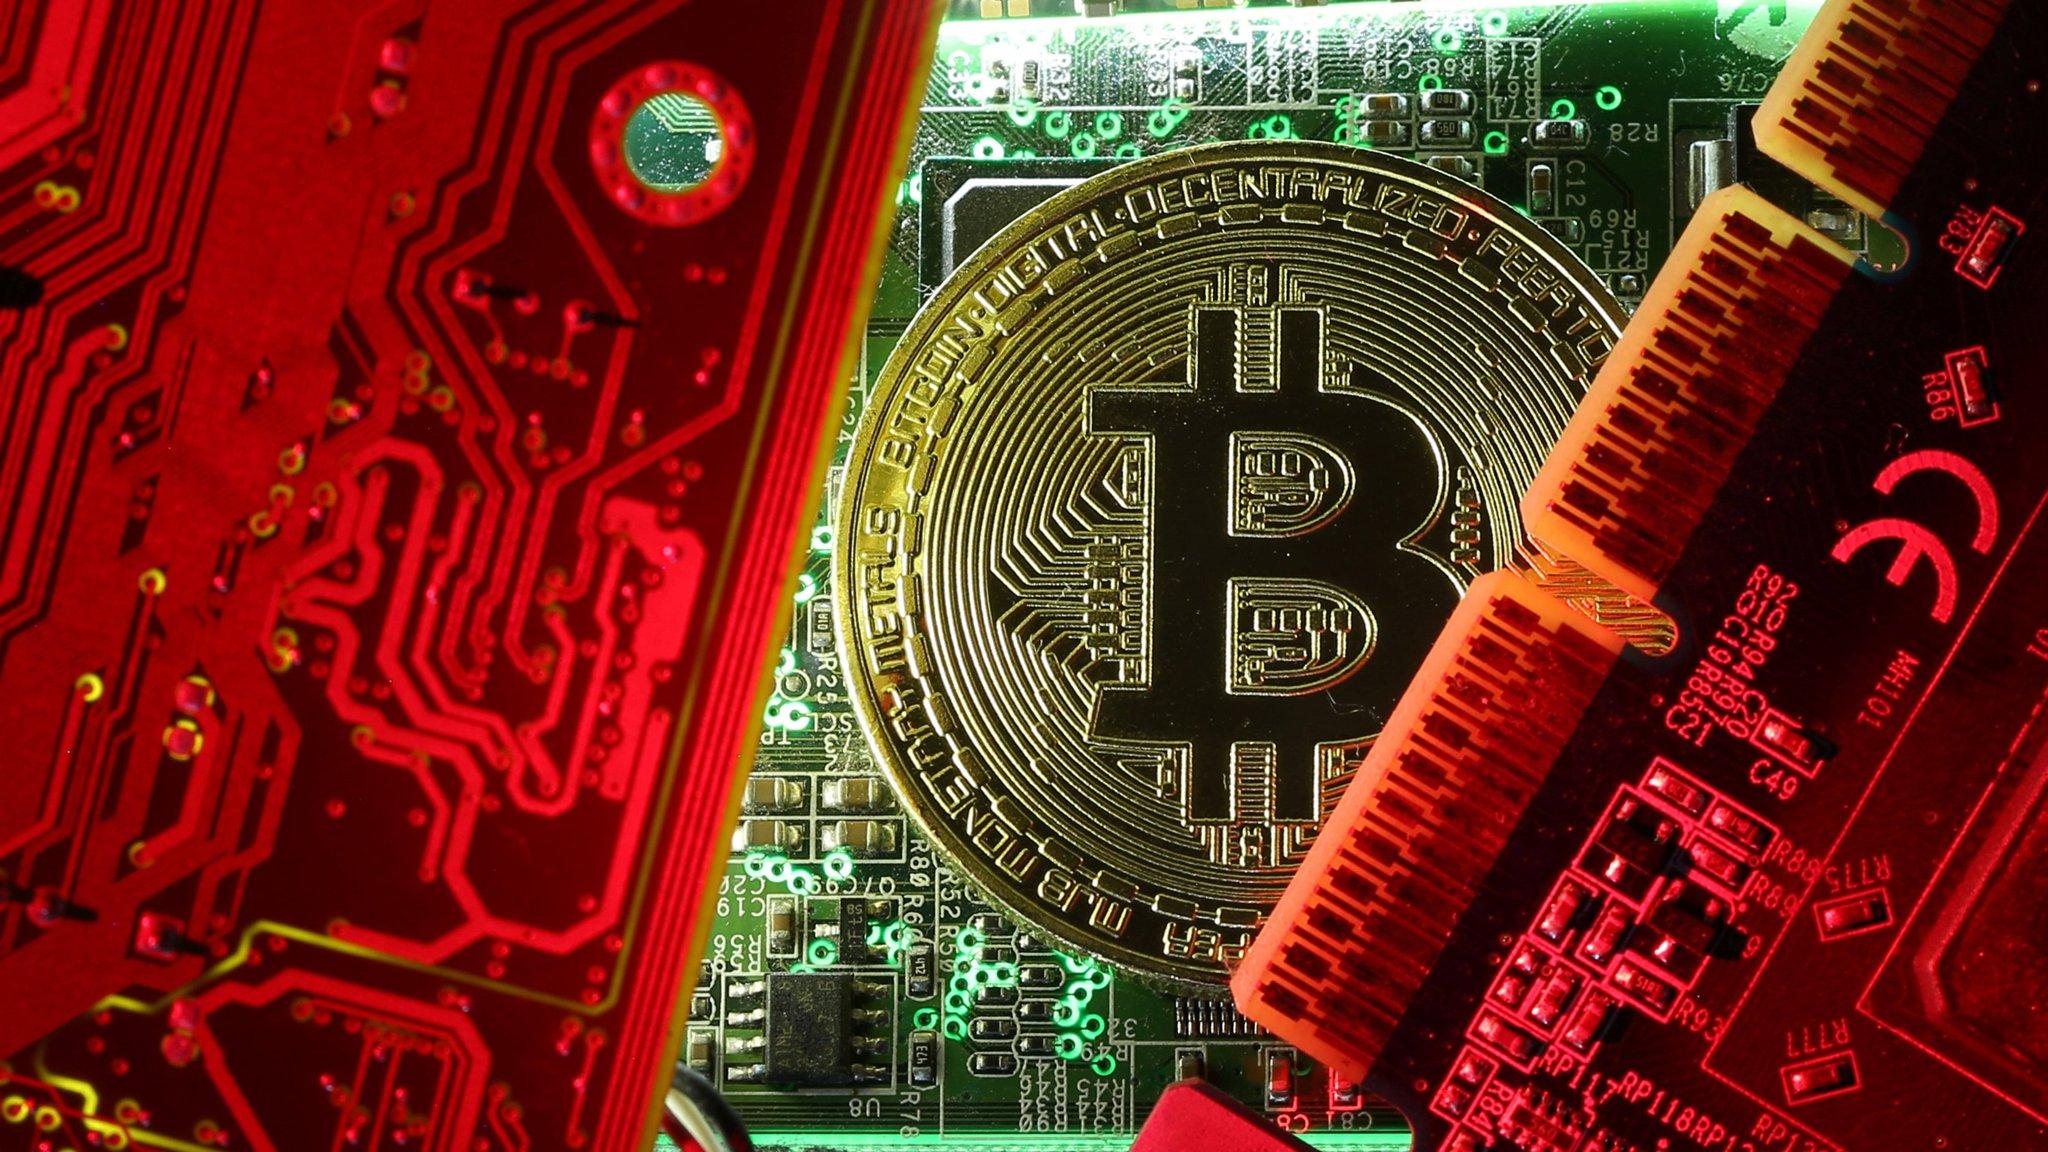 Tax officials raid South Korean bitcoin exchanges